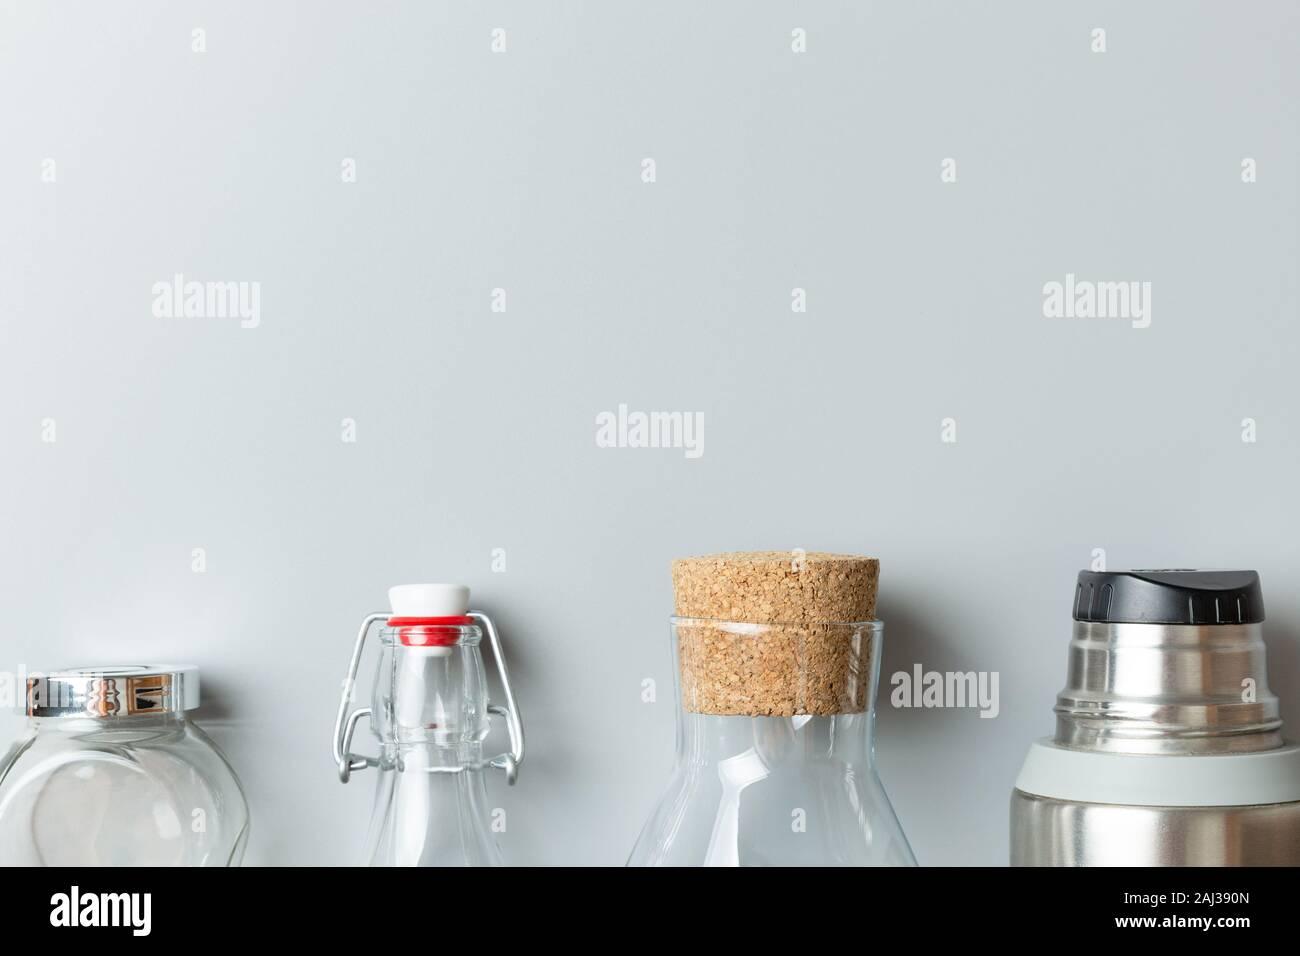 Concepto de residuos cero libre de plástico. Embalaje de productos reutilizables. Foto de stock